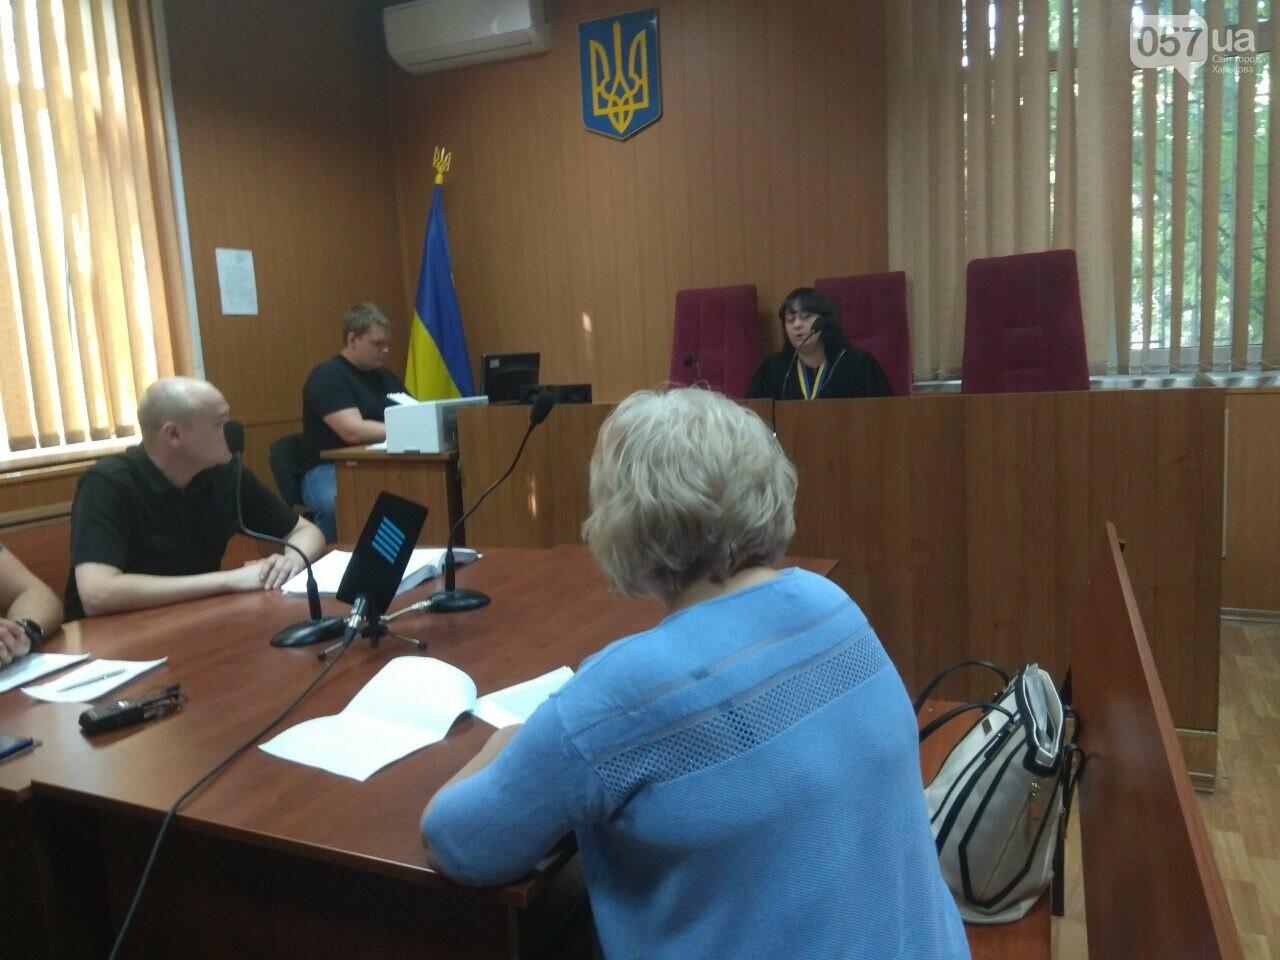 Суд по изнасилованию девочки в Харькове проходит в закрытом режиме, - ФОТО, фото-5